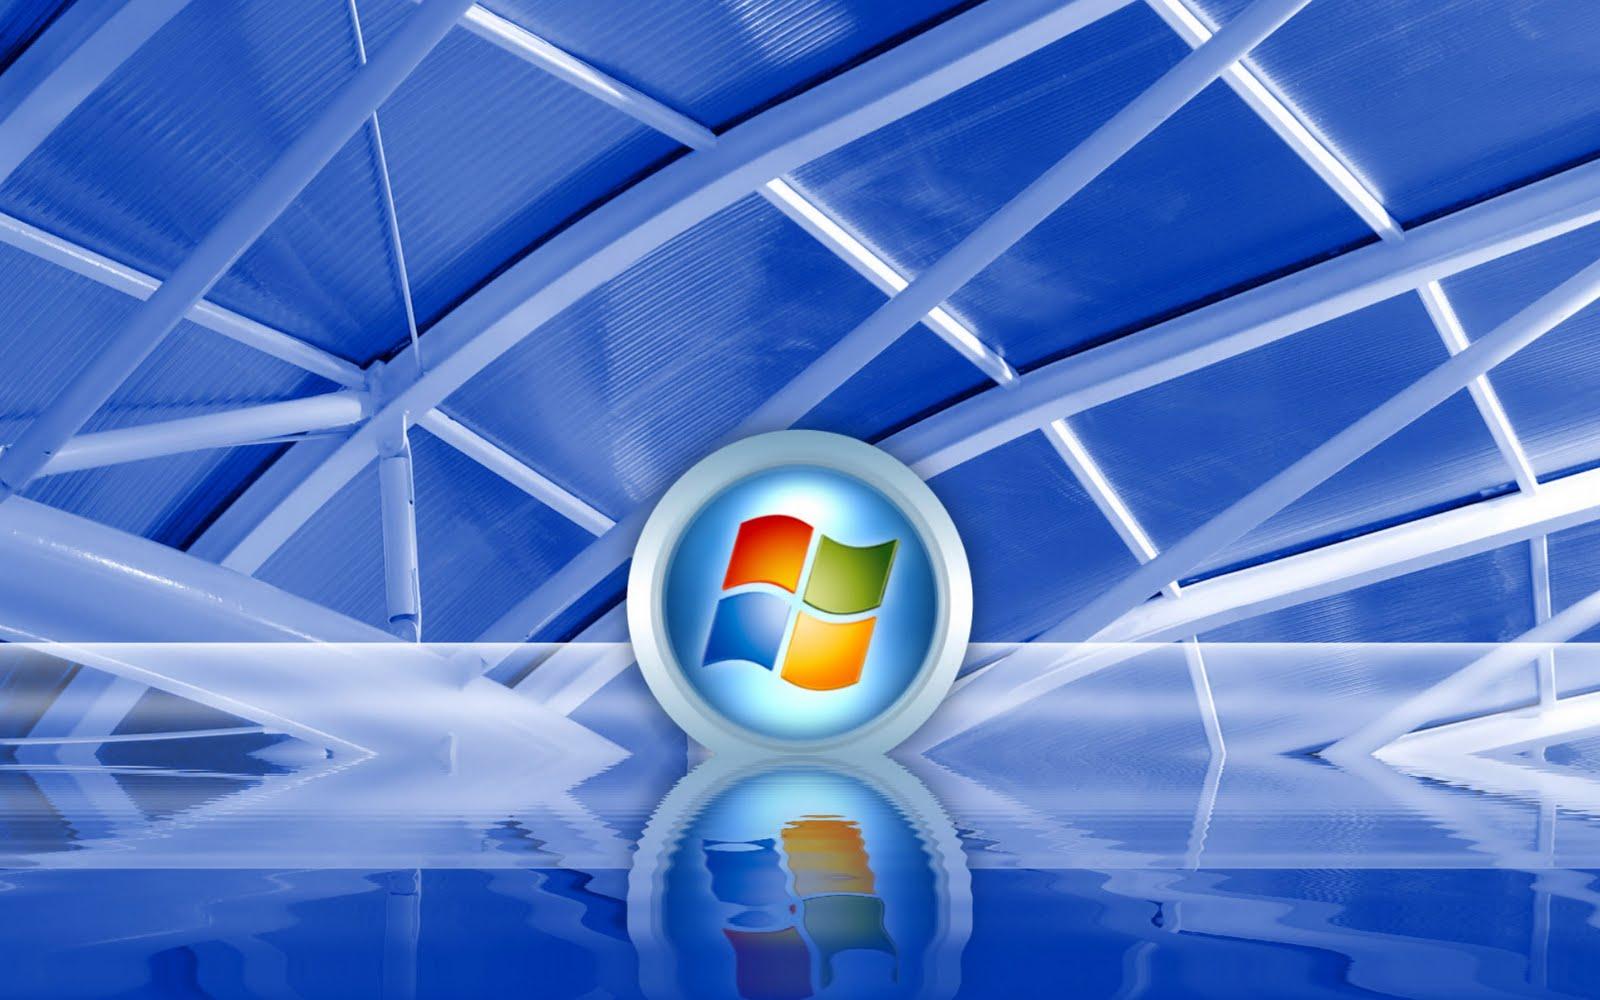 http://3.bp.blogspot.com/-nqt0WG2e0Ow/TWwvBANkDKI/AAAAAAAAEaA/dlt23oG25HA/s1600/Vista%2BWallpaper%2B%252817%2529.jpg